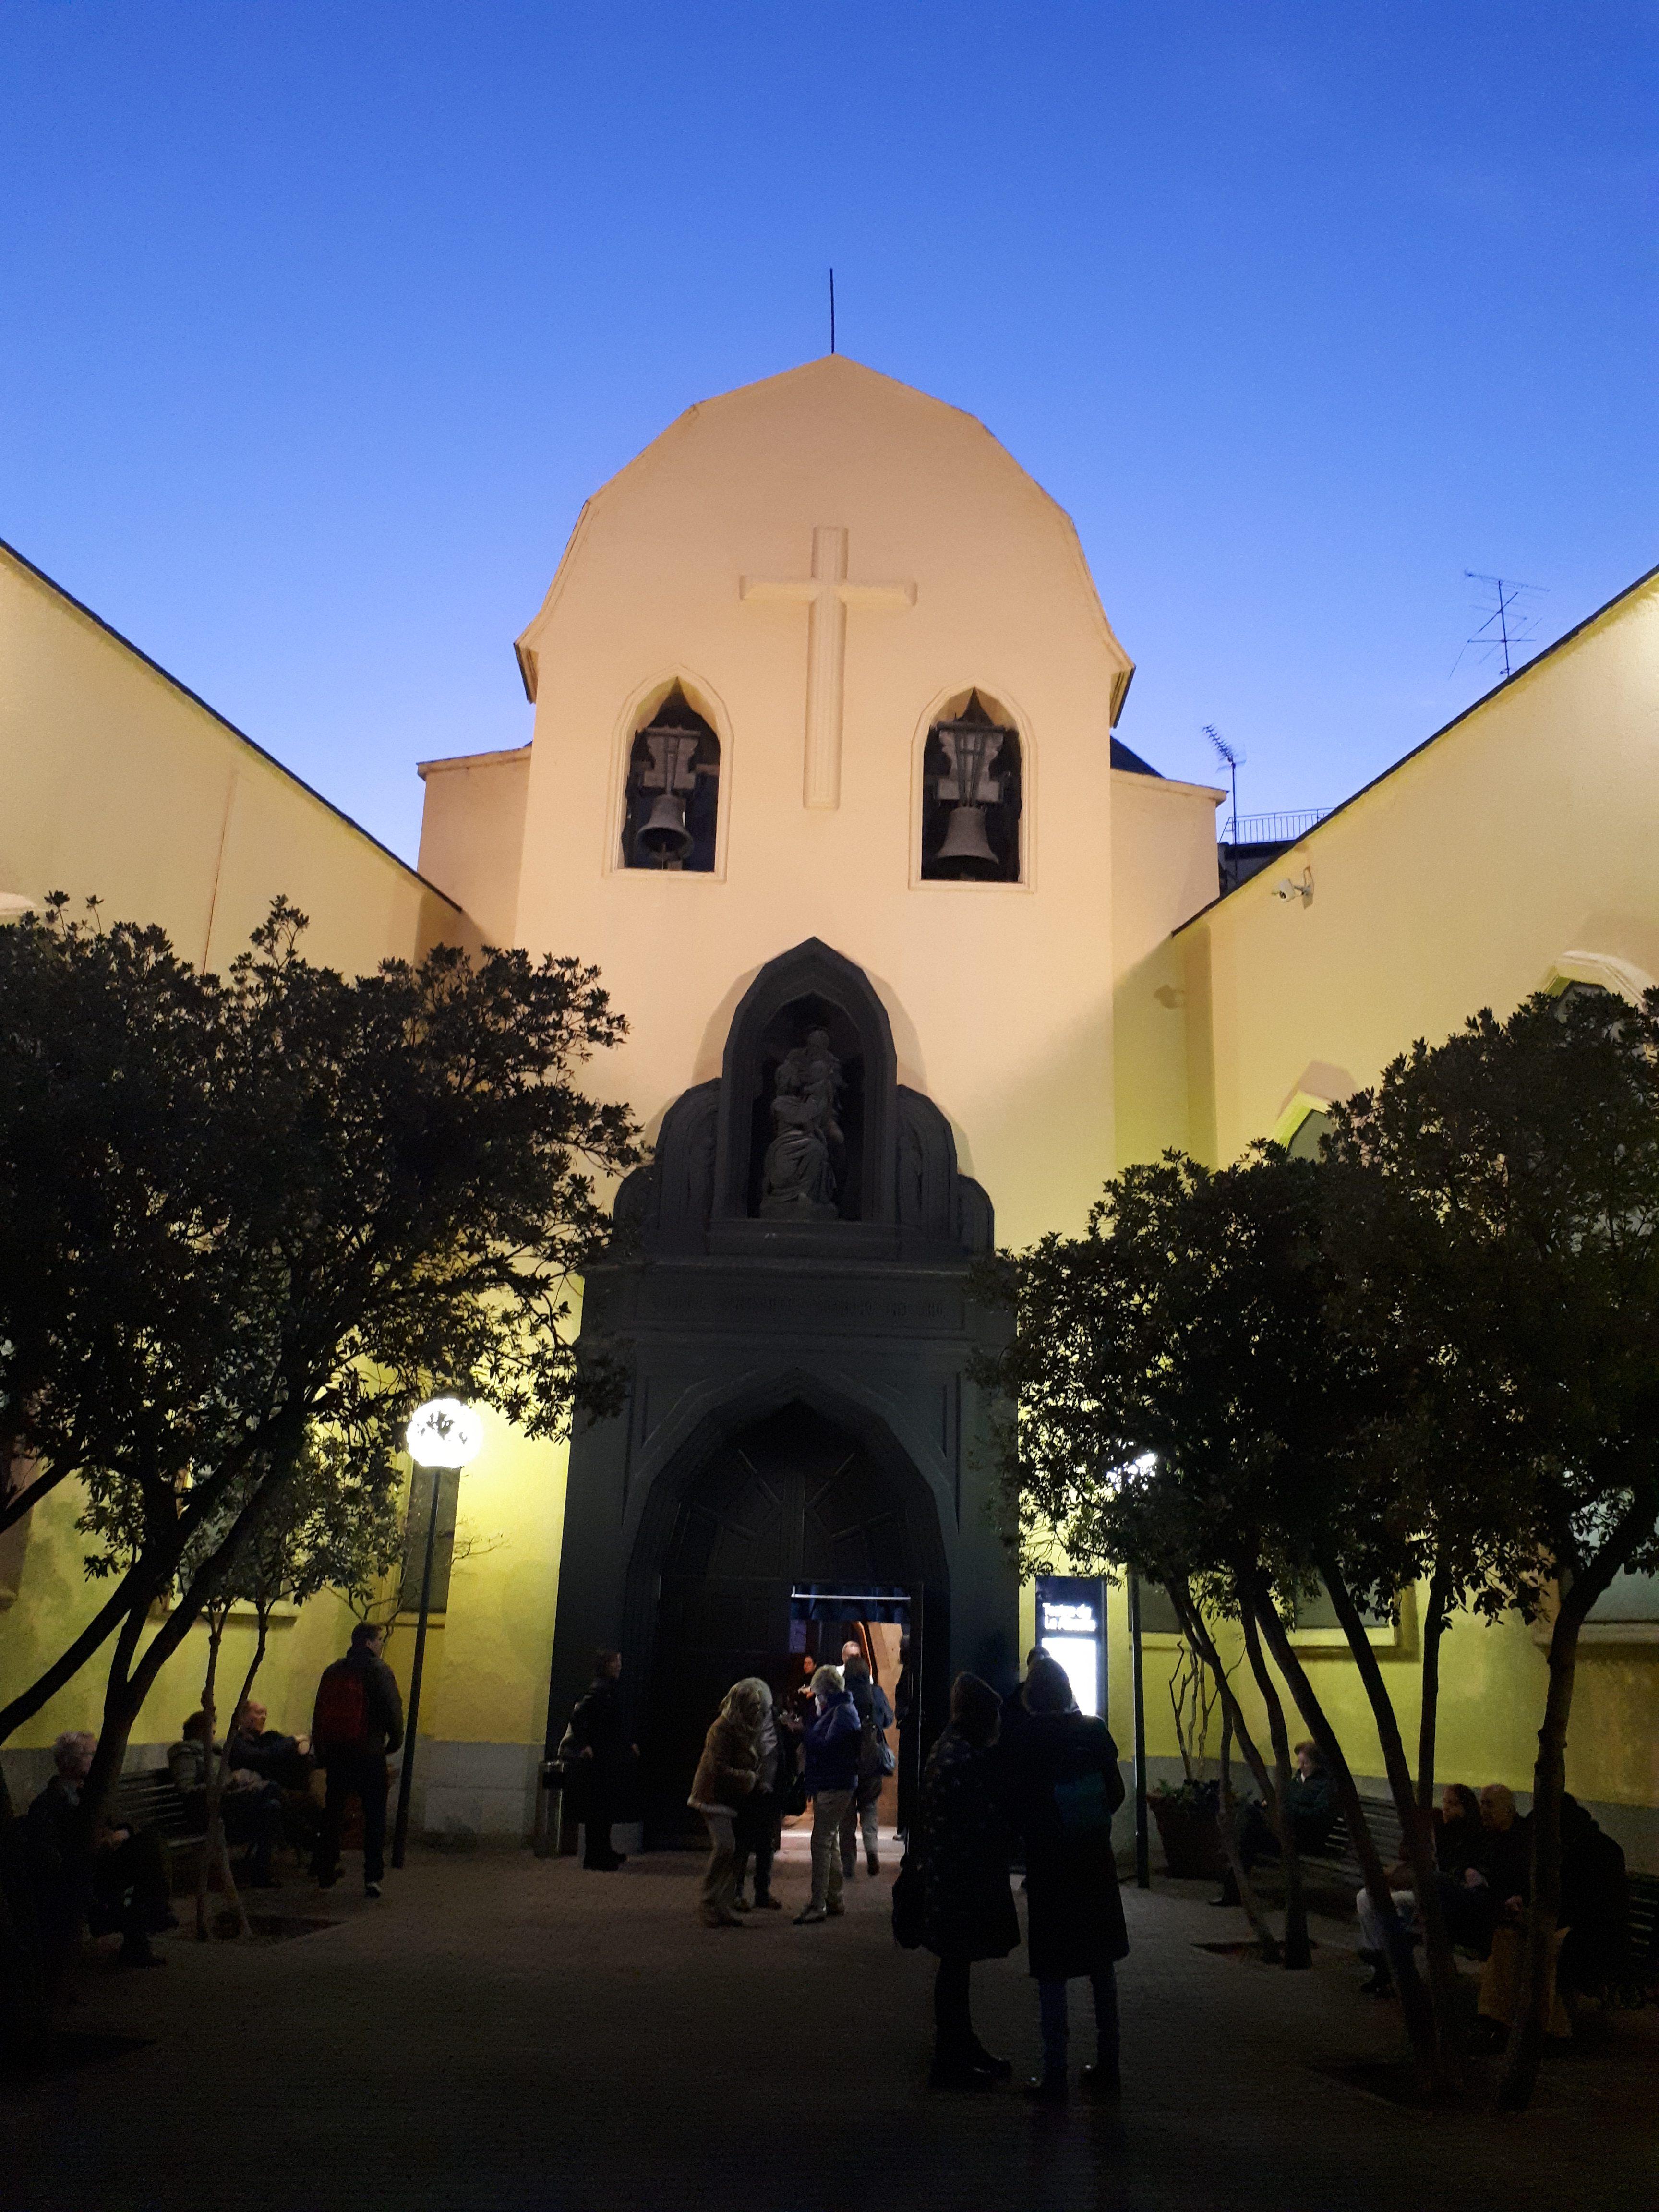 Teatro de la Abadía. Fot. Kamila Łapicka